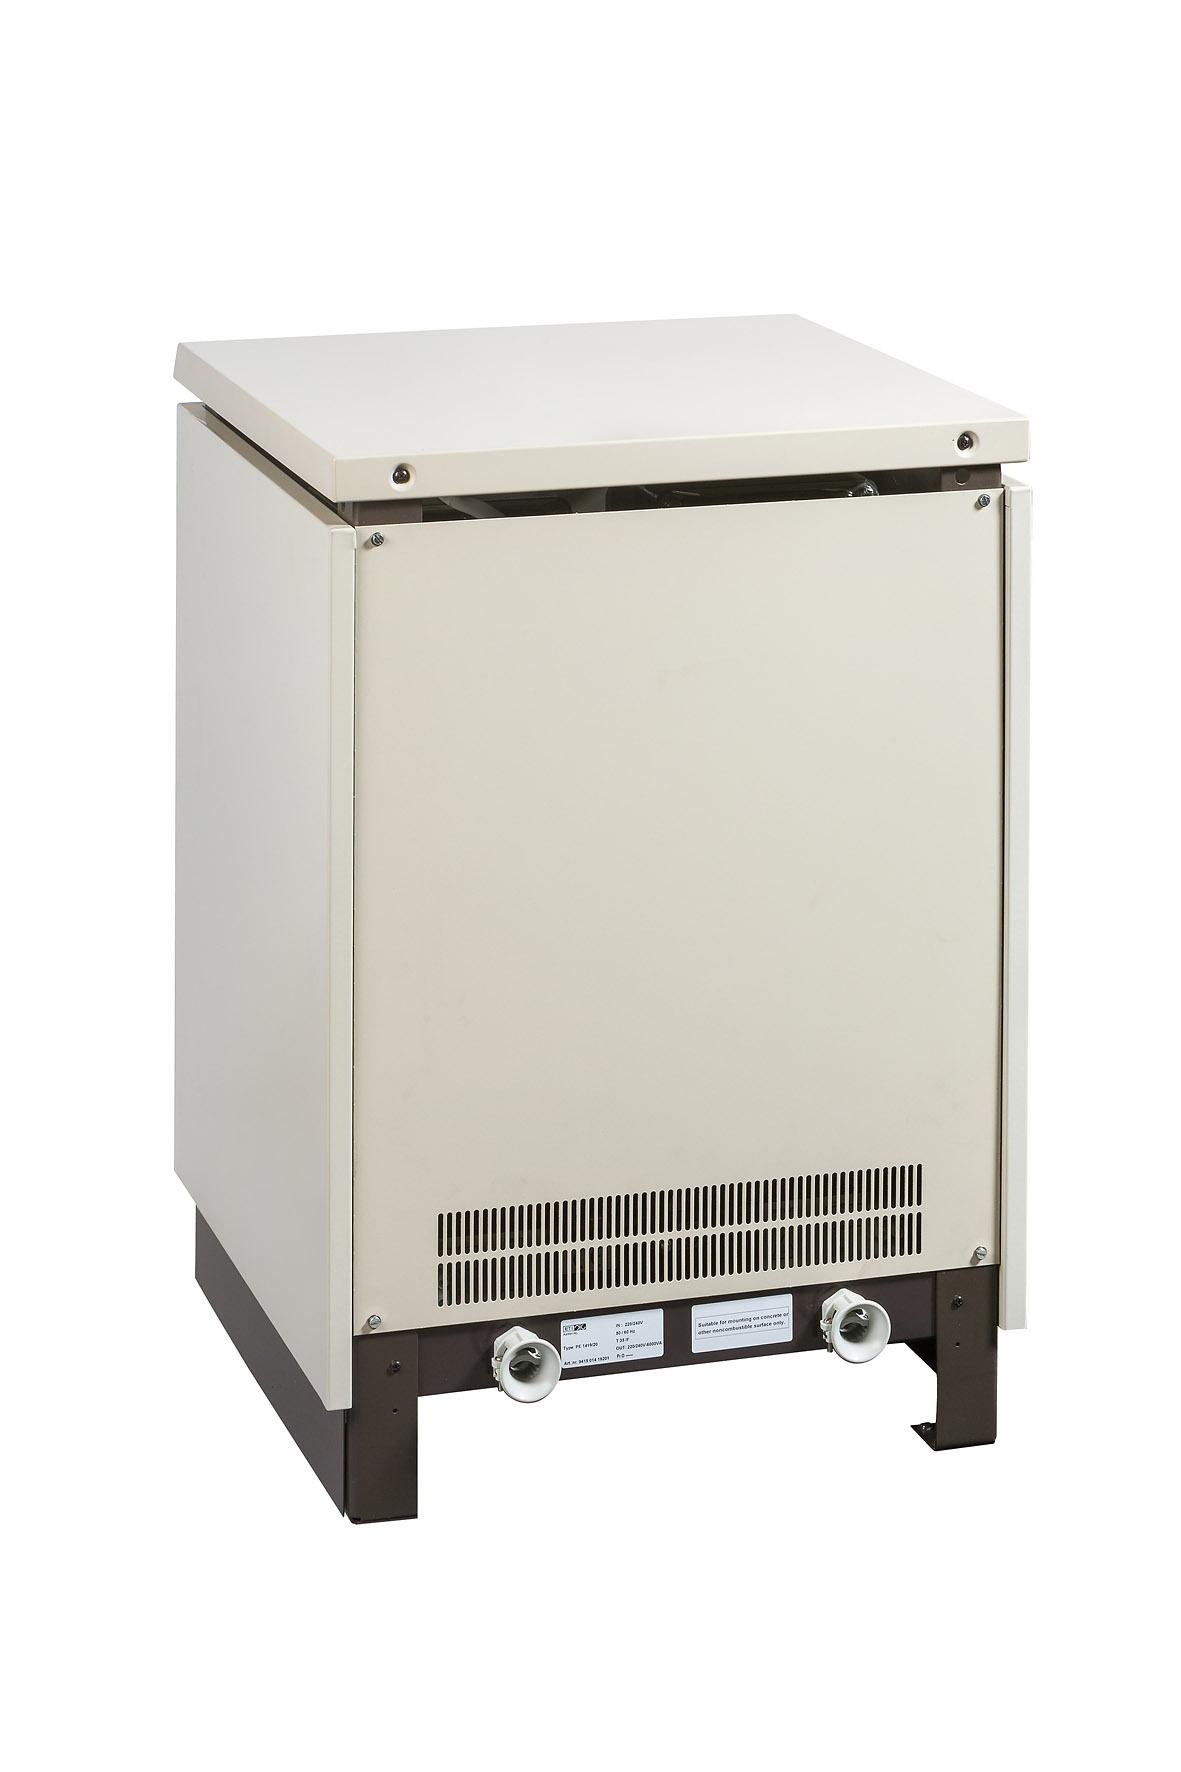 9415 014 29201 (PE1429/20) - Line Conditioner 230V/230V-6000VA